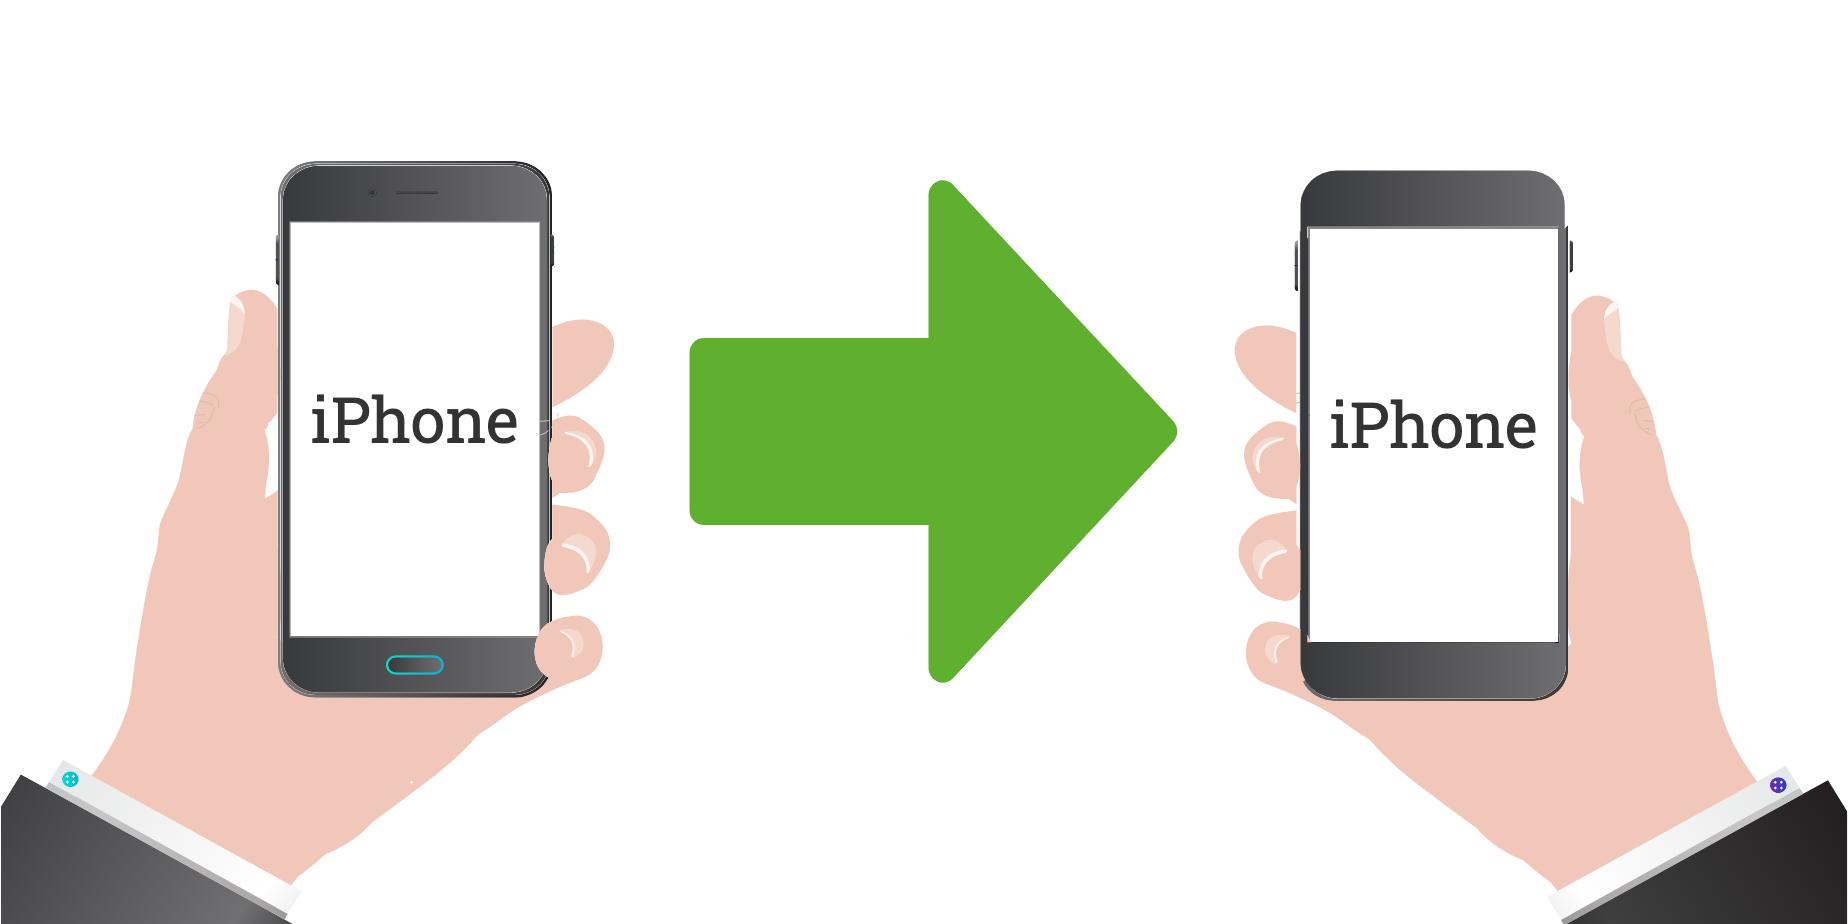 iPhoneからiPhoneへのデータ移行